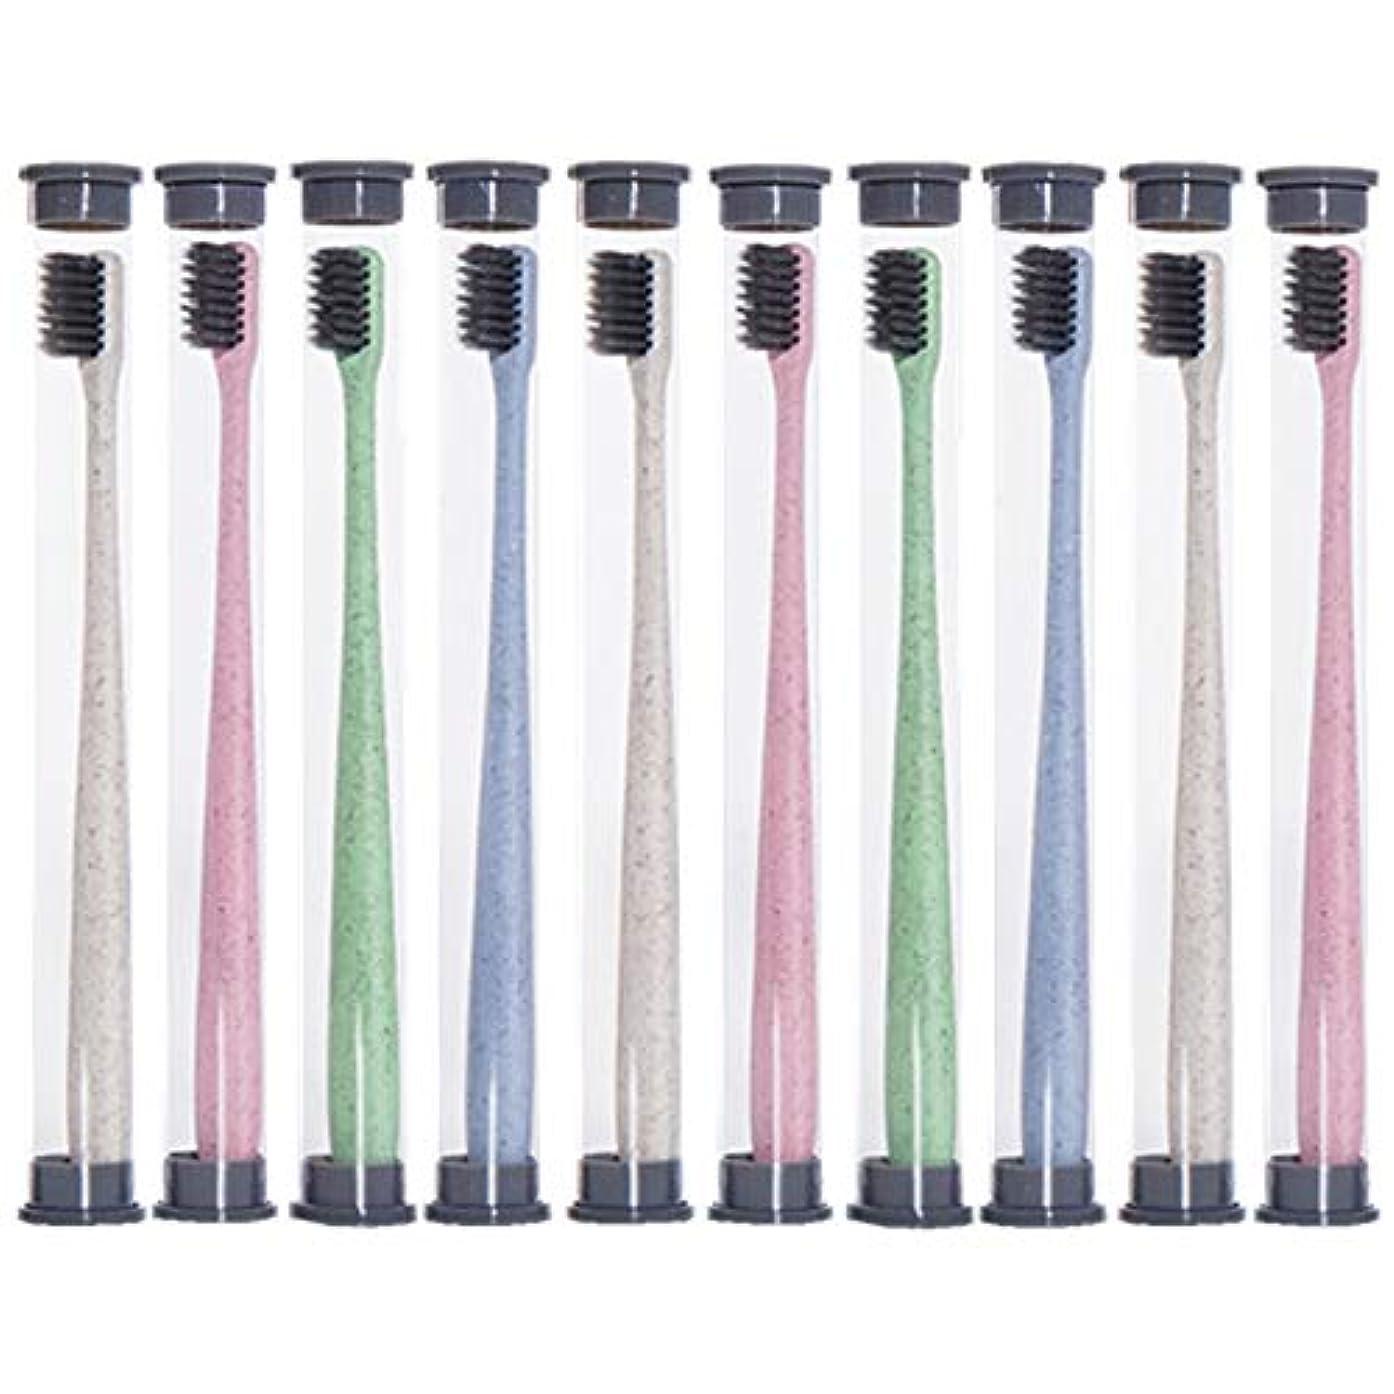 アヒル医薬永遠に歯ブラシ 麦わら歯ブラシ、旅行携帯用歯ブラシ、ミディアムブラシヘッドソフト歯ブラシ - 10パック KHL (色 : 10 packs)